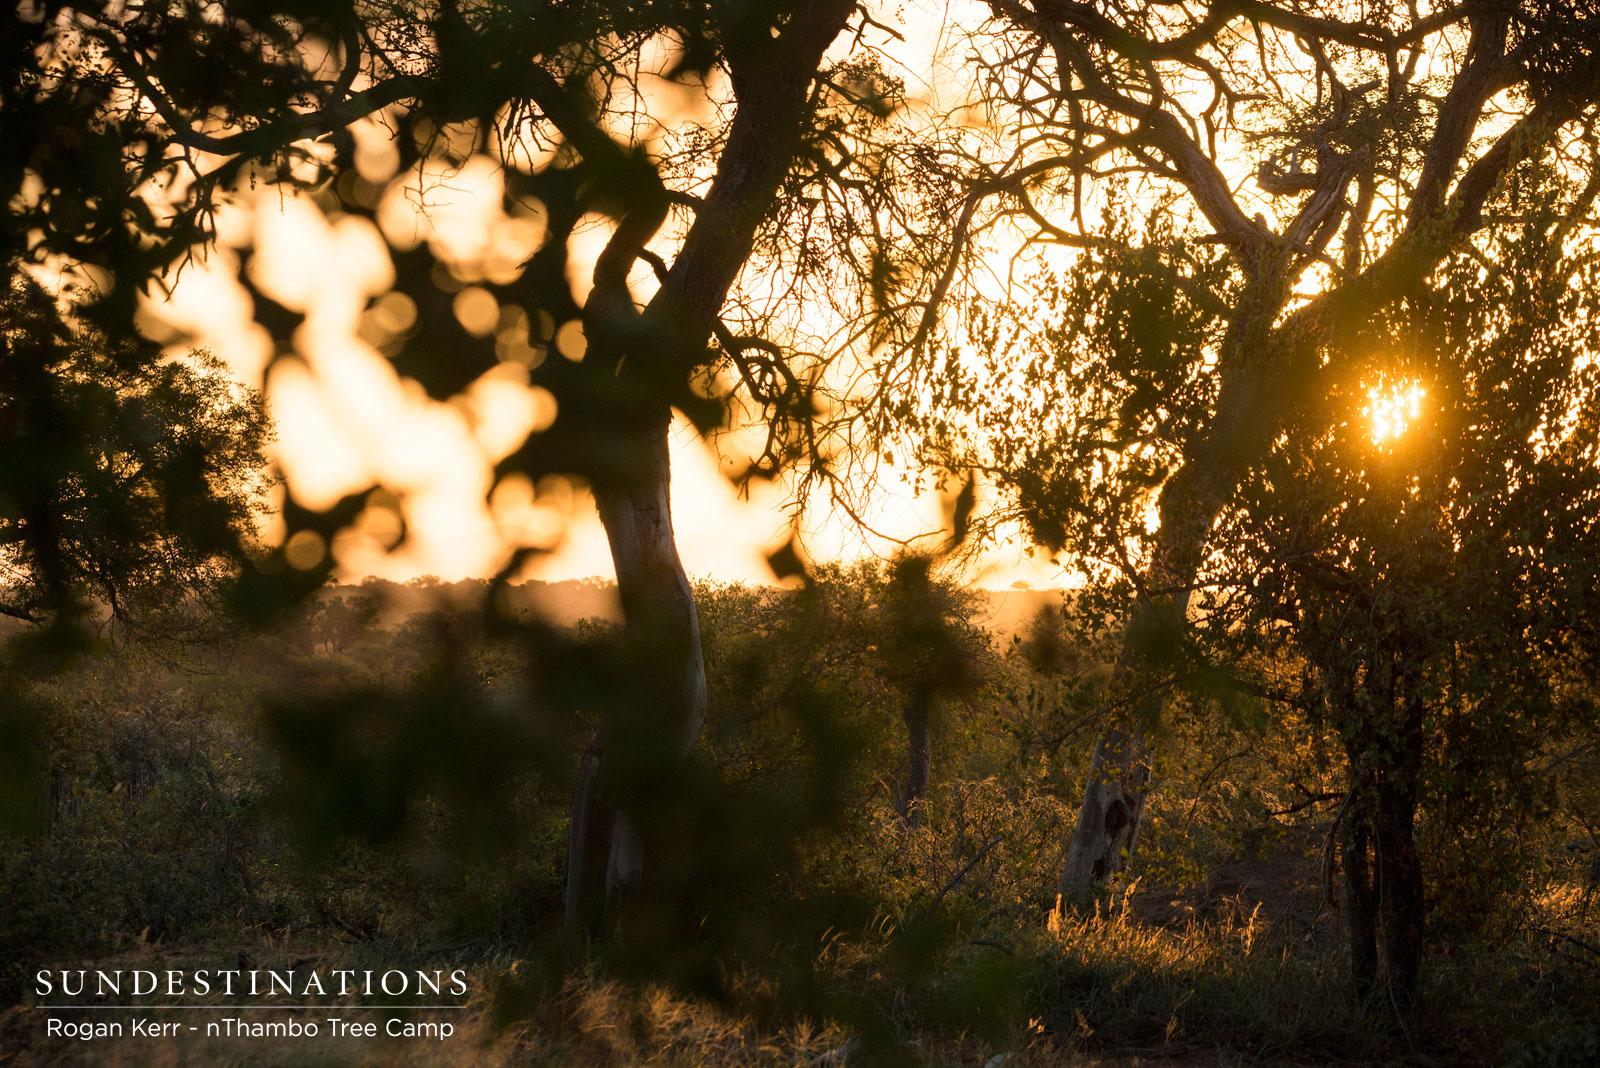 Sunset at nThambo Tree Camp